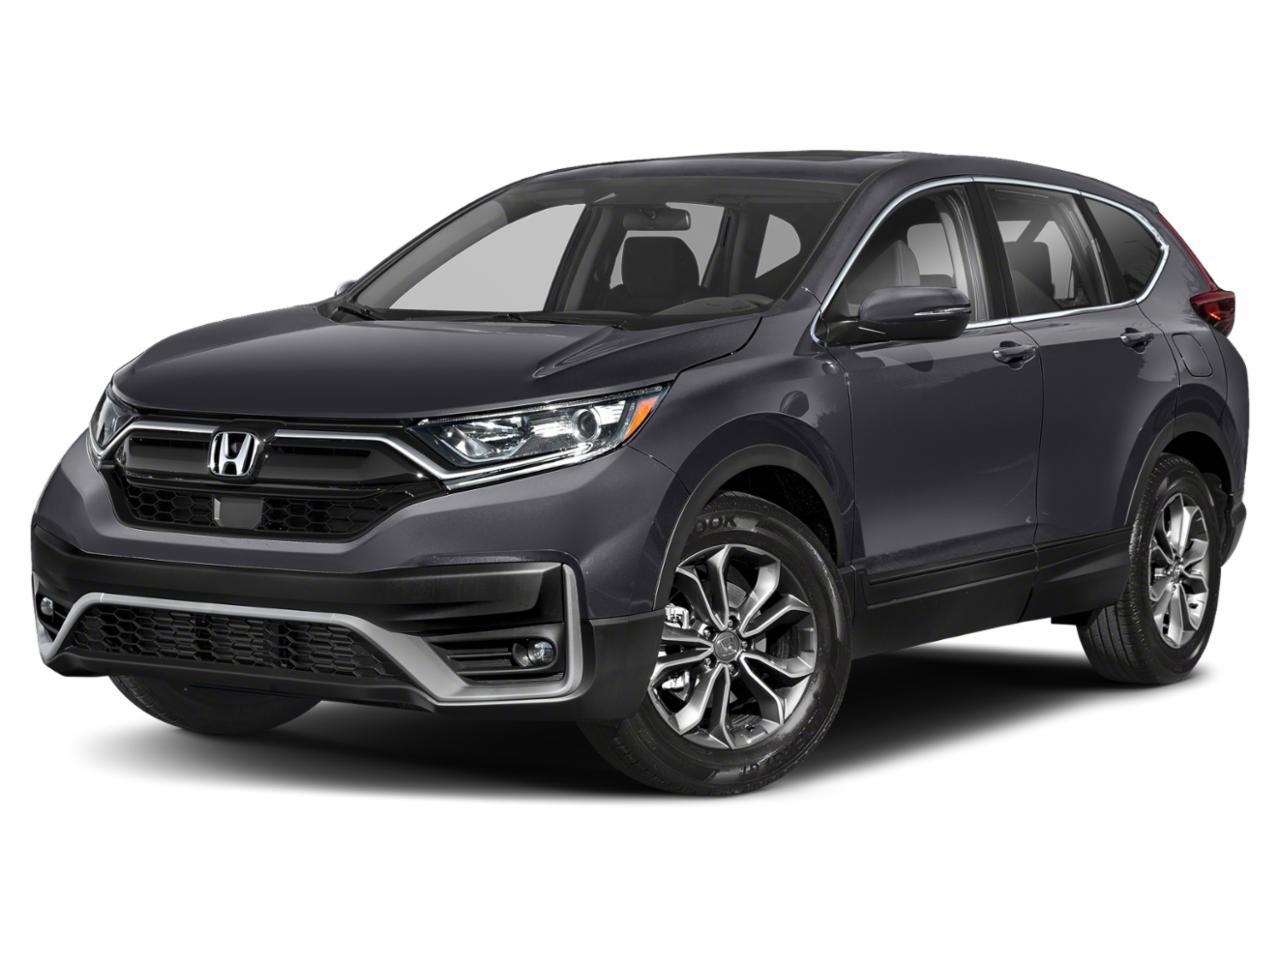 2021 Honda CR-V Vehicle Photo in Owensboro, KY 42301